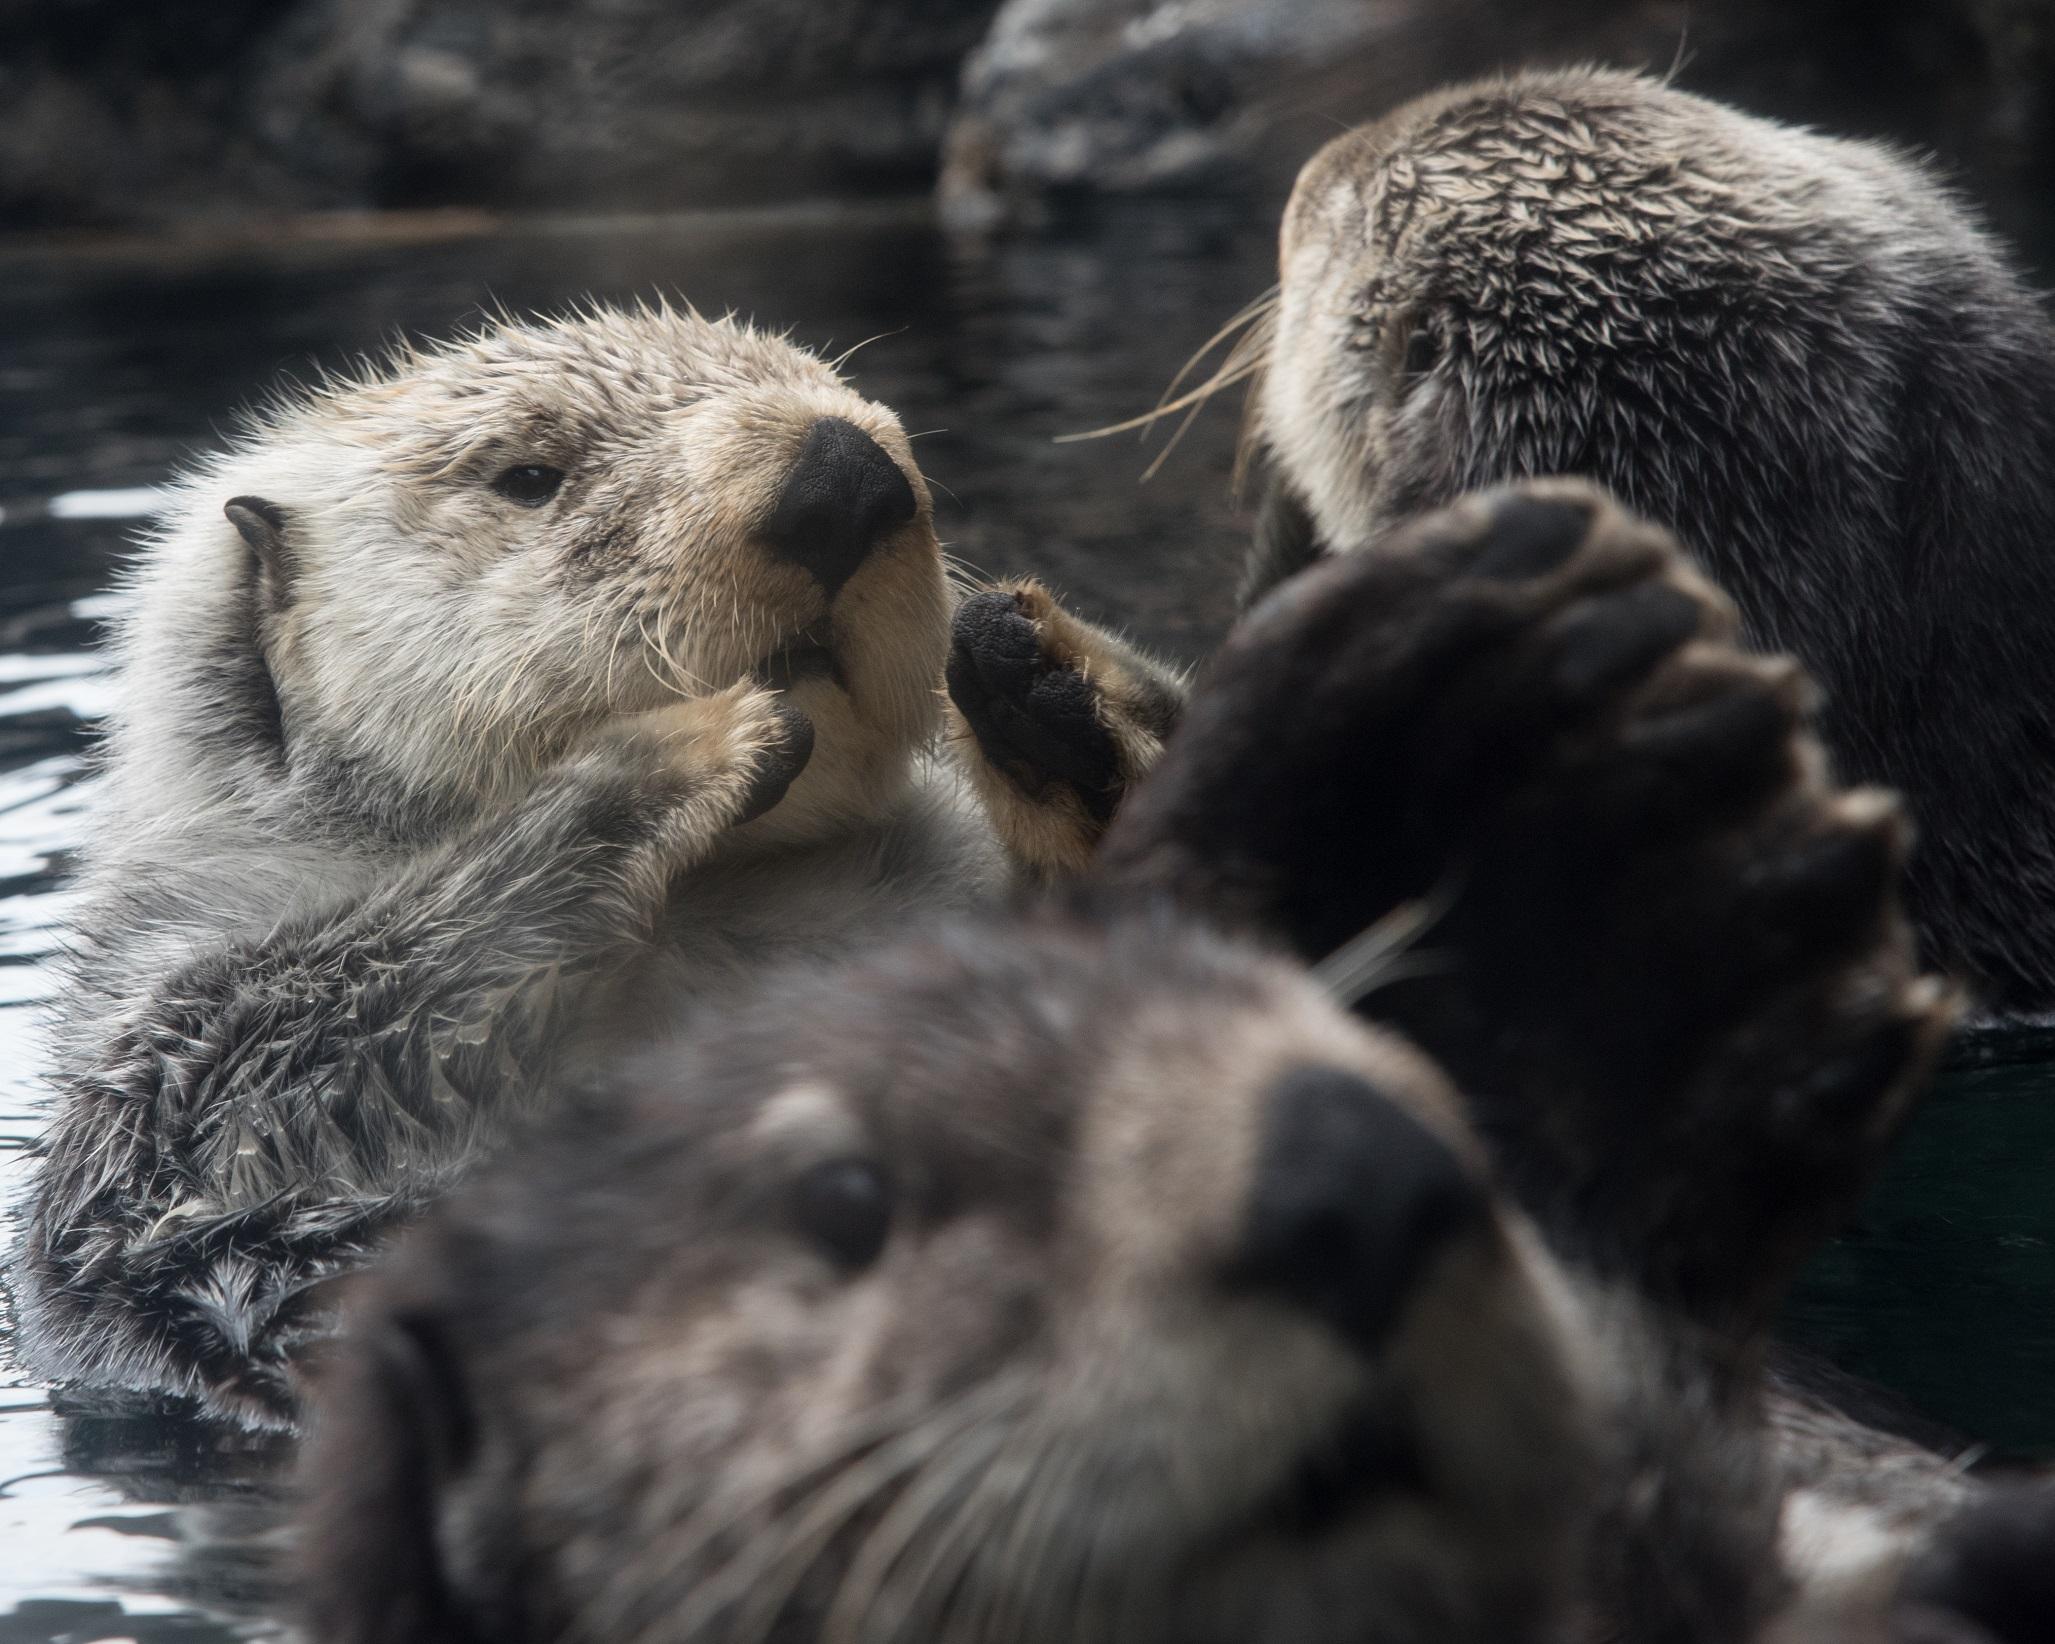 CJ Casson Sea otter at Seattle Aquarium